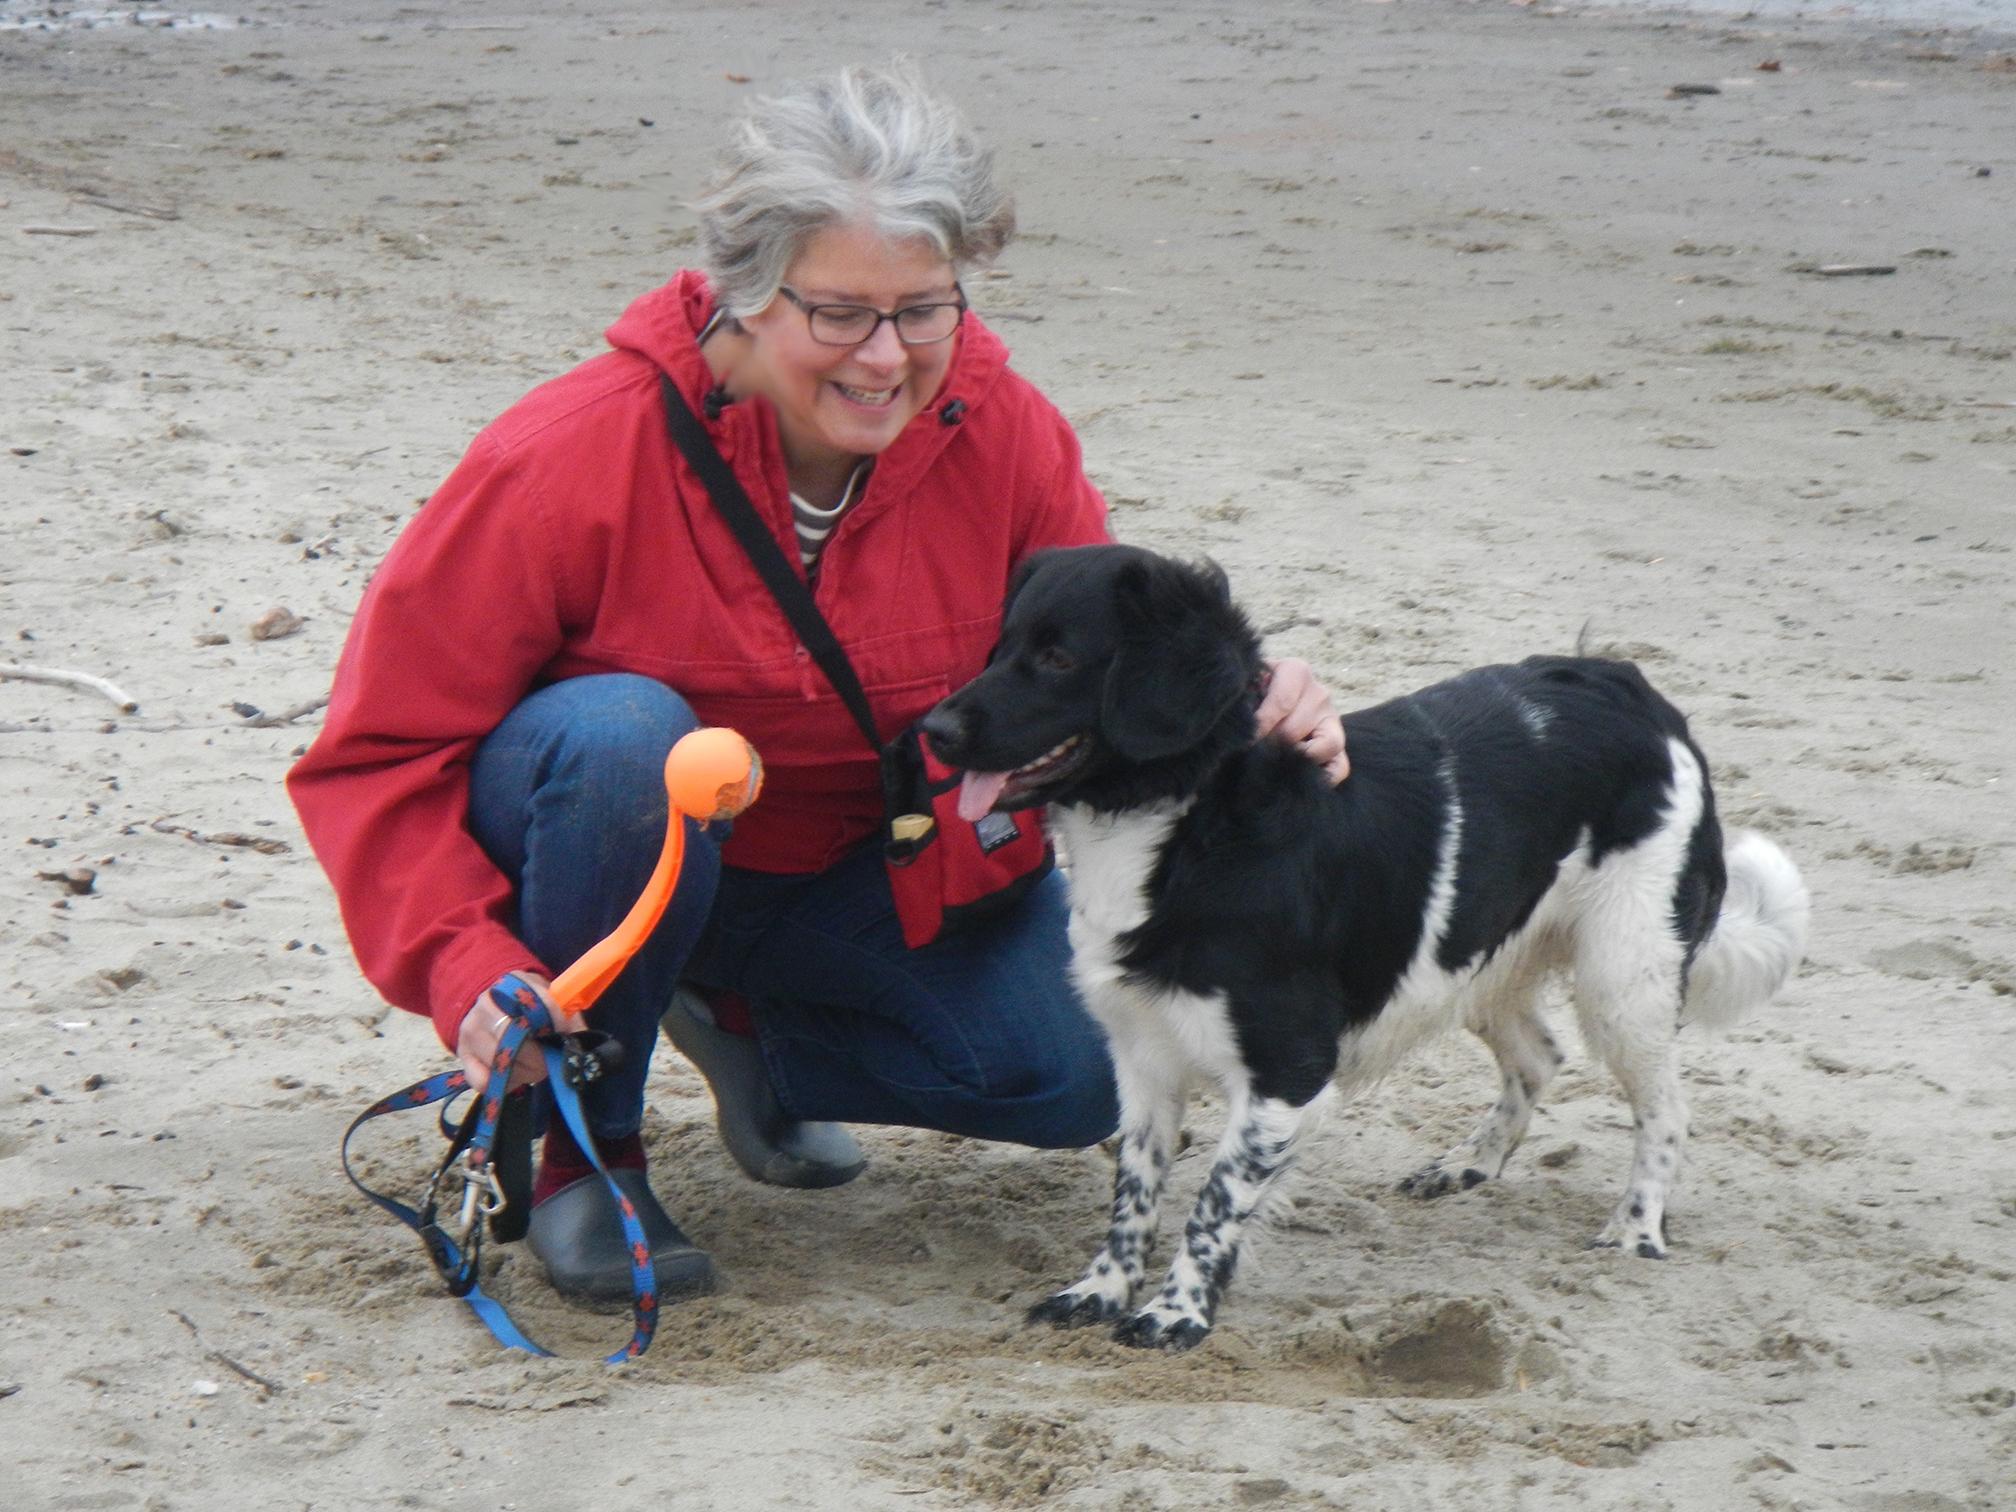 LORI & INTSKE BEACH 12-12-15